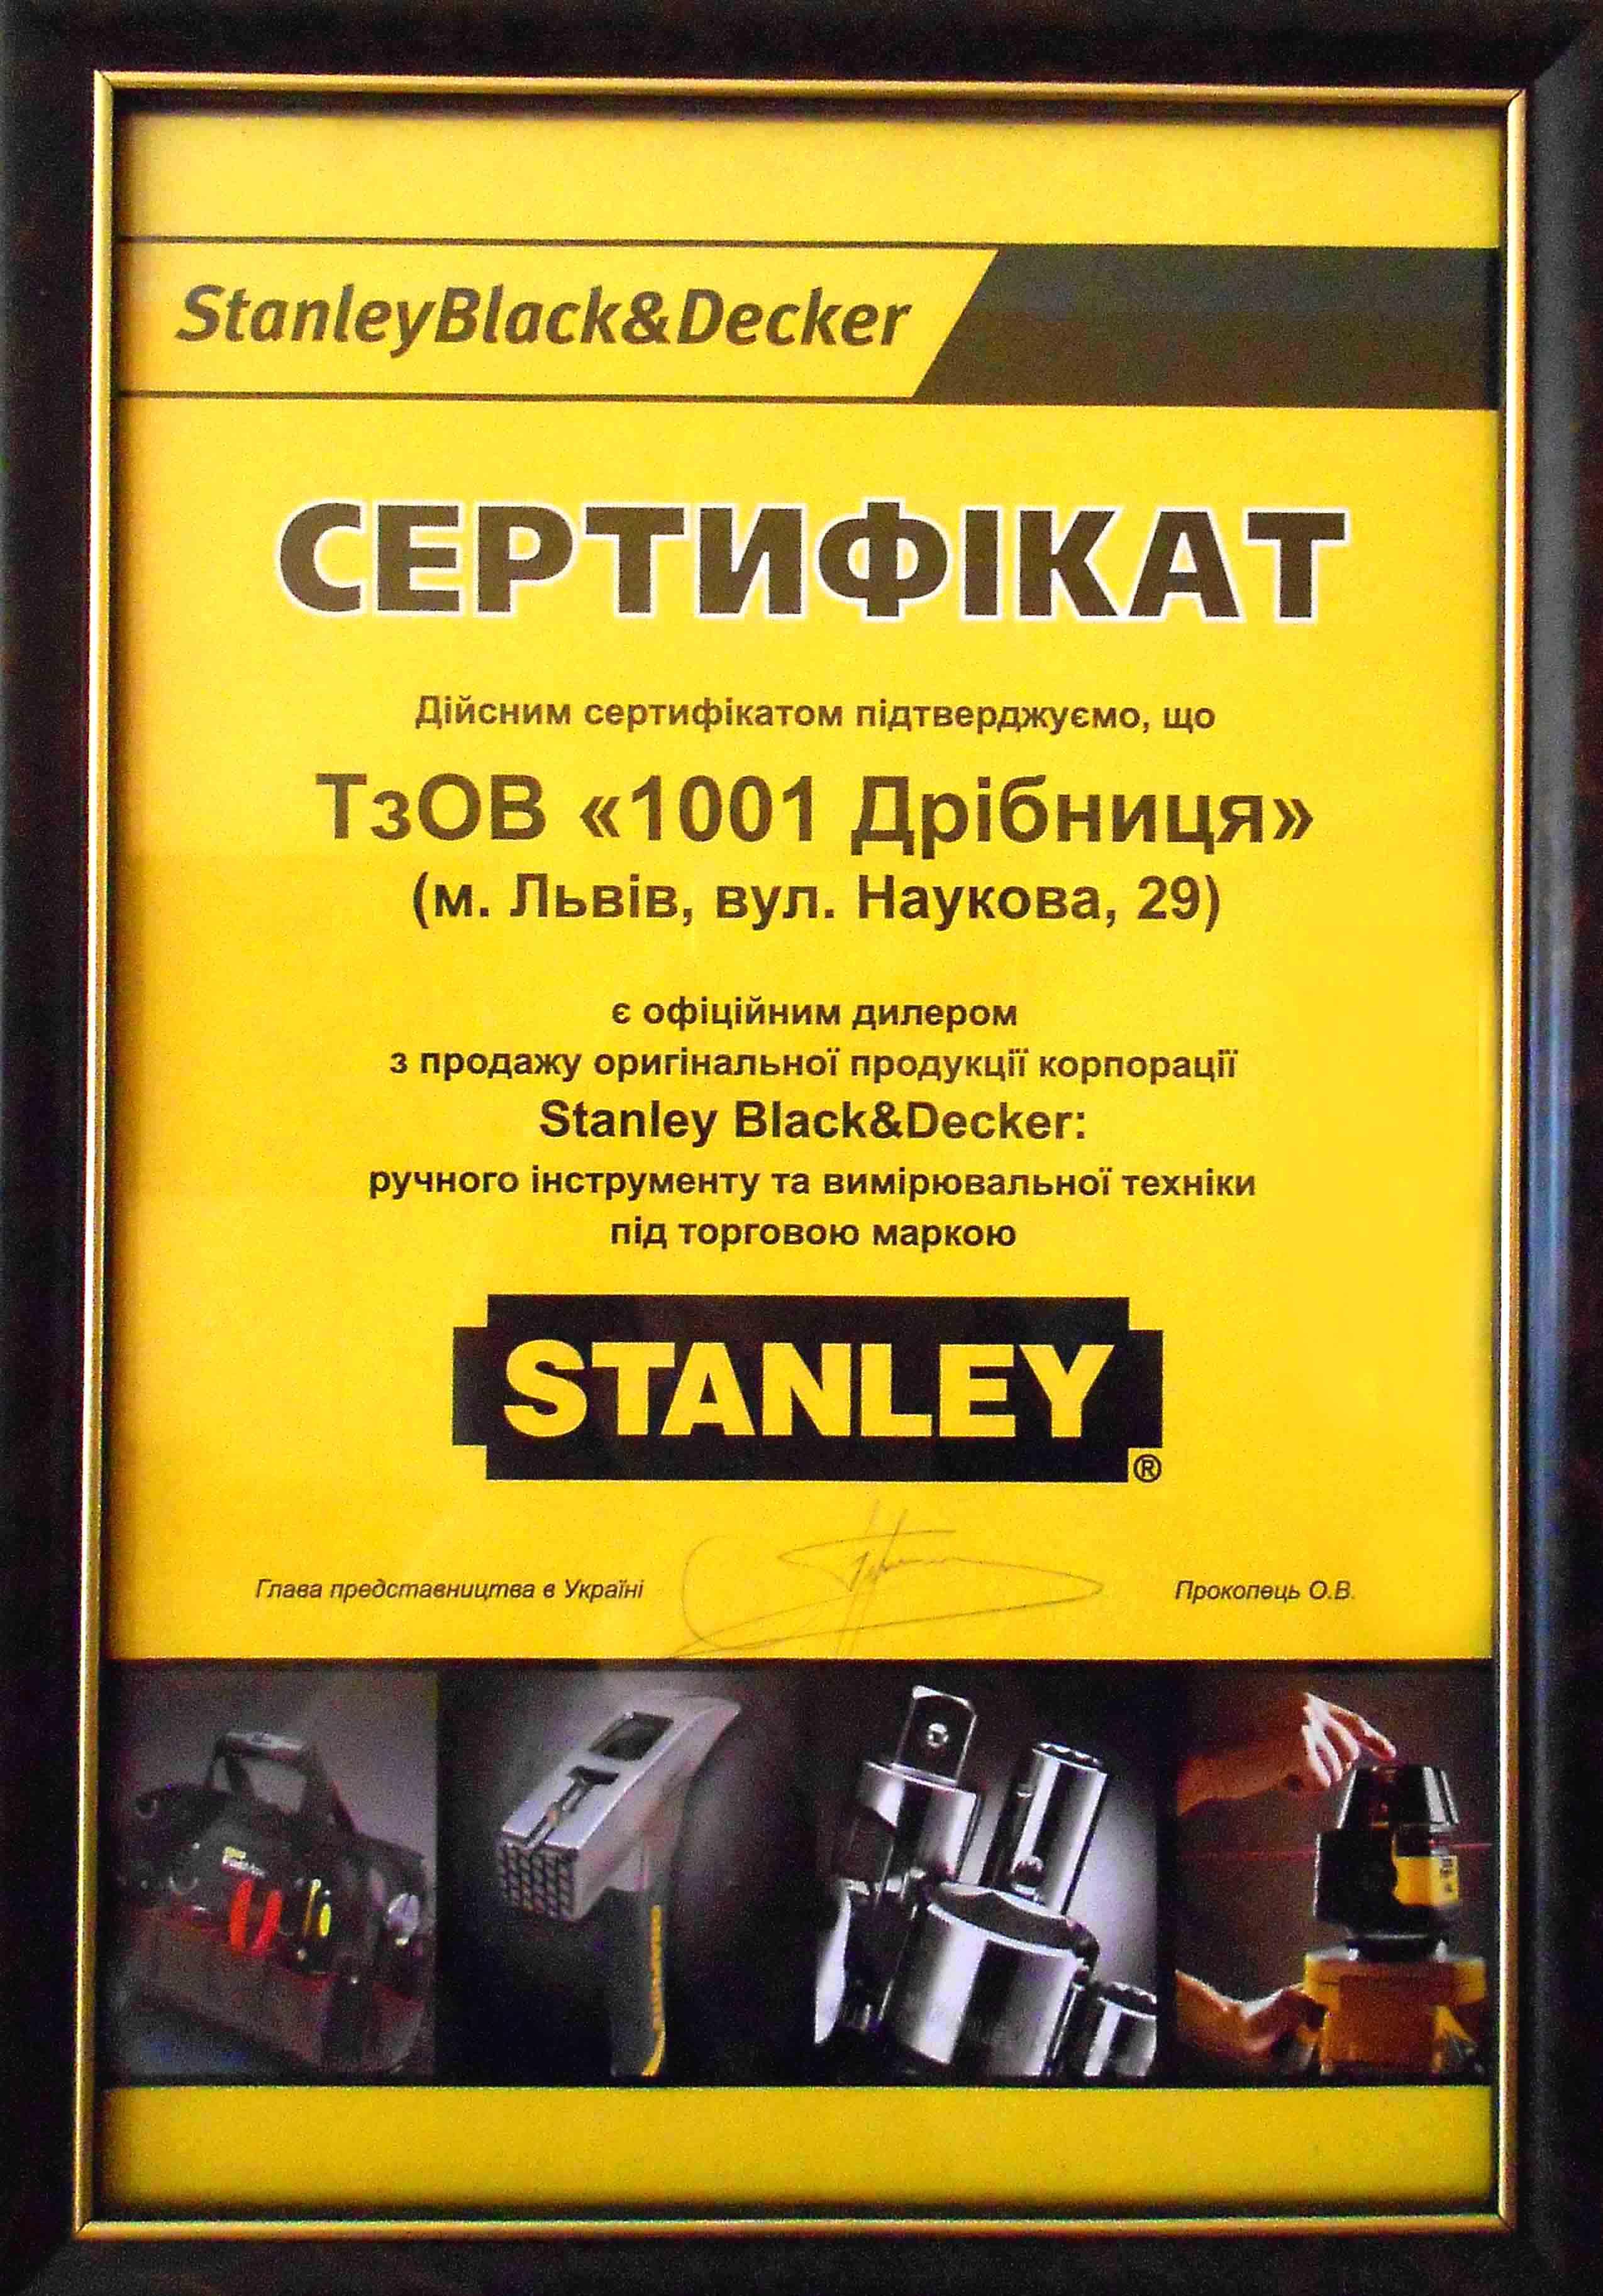 Офіційні дилери Stanley